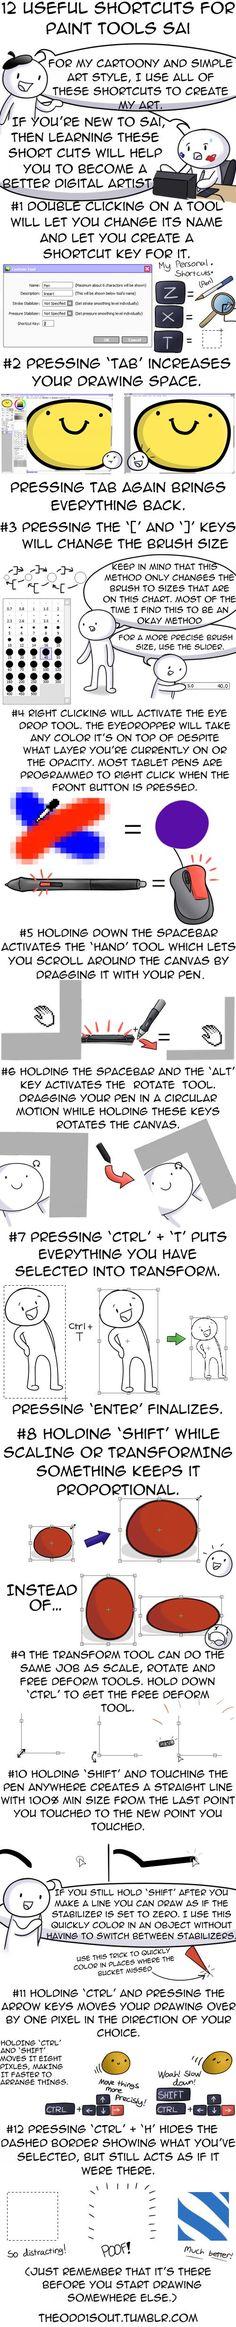 Paint tool SAI tips